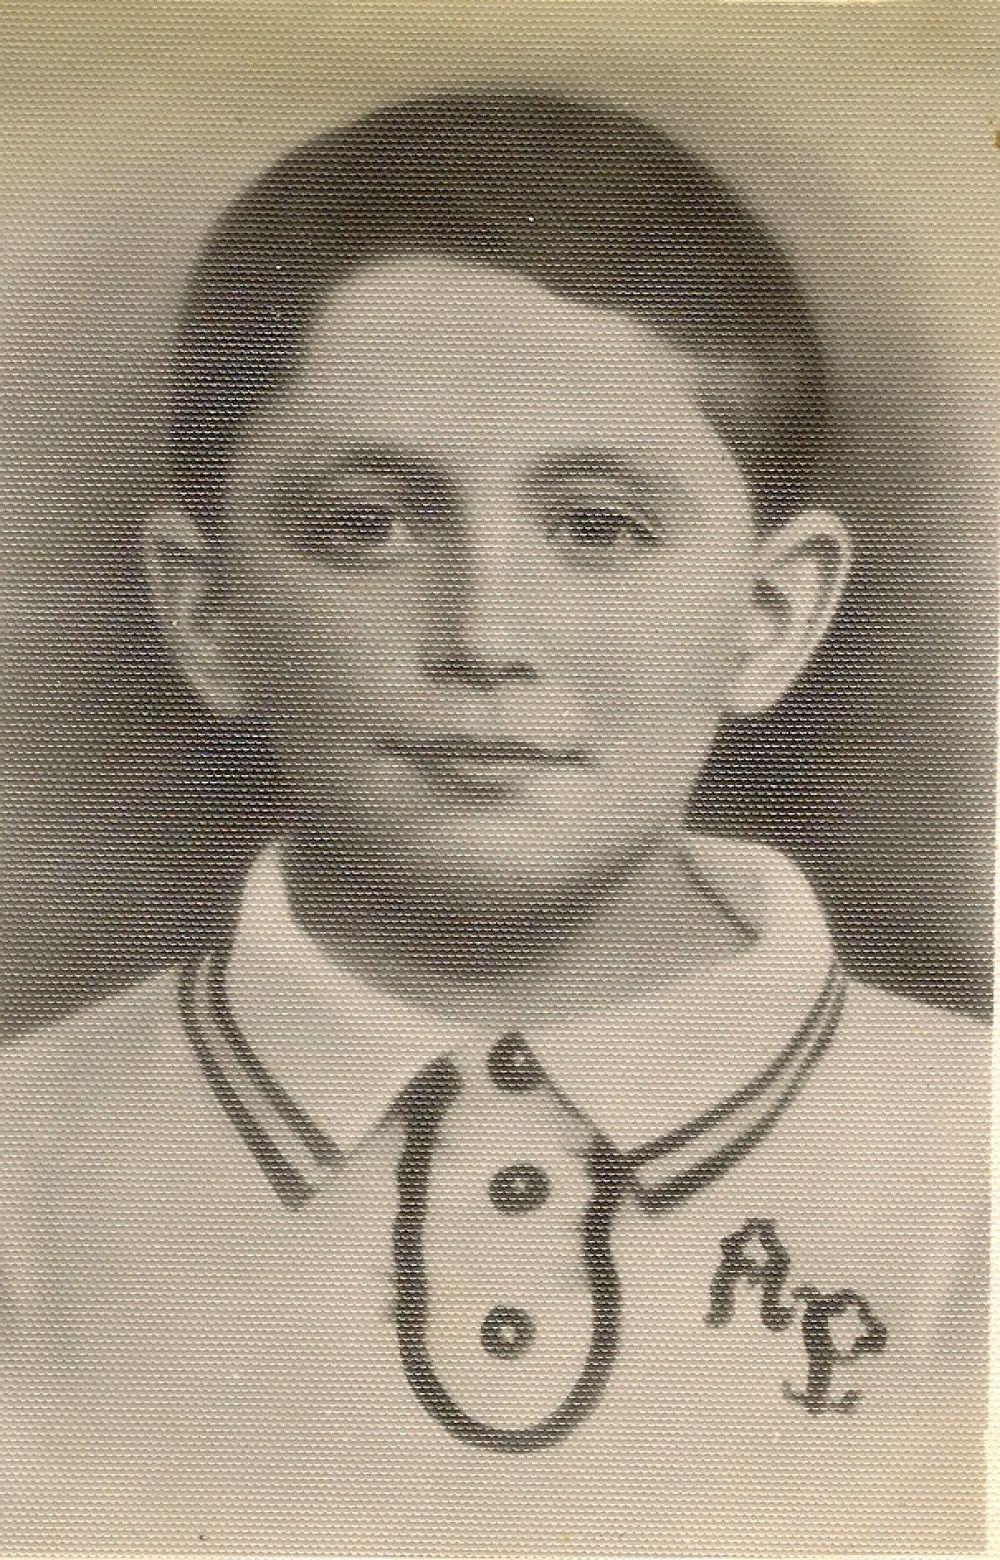 Муся Пинкензон не убил ни одного врага, не распространил ни одной листовки, ни разу не пускал под откос поезда с вражескими танками. Его борьба с фашизмом длилась всего несколько мгновений, а оружием его были скрипка и великое мужество. Семью Пинкензонов арестовали как евреев. В числе других приговоренных к смерти, их вывели на берег Кубани, куда согнали жителей со всей станицы. Перед расстелом 11-летний мальчик, стоя перед гитлеровцами, заиграл «Интернационал» — гимн коммунистов, который в тот момент был гимном Советского Союза, и был расстрелян.